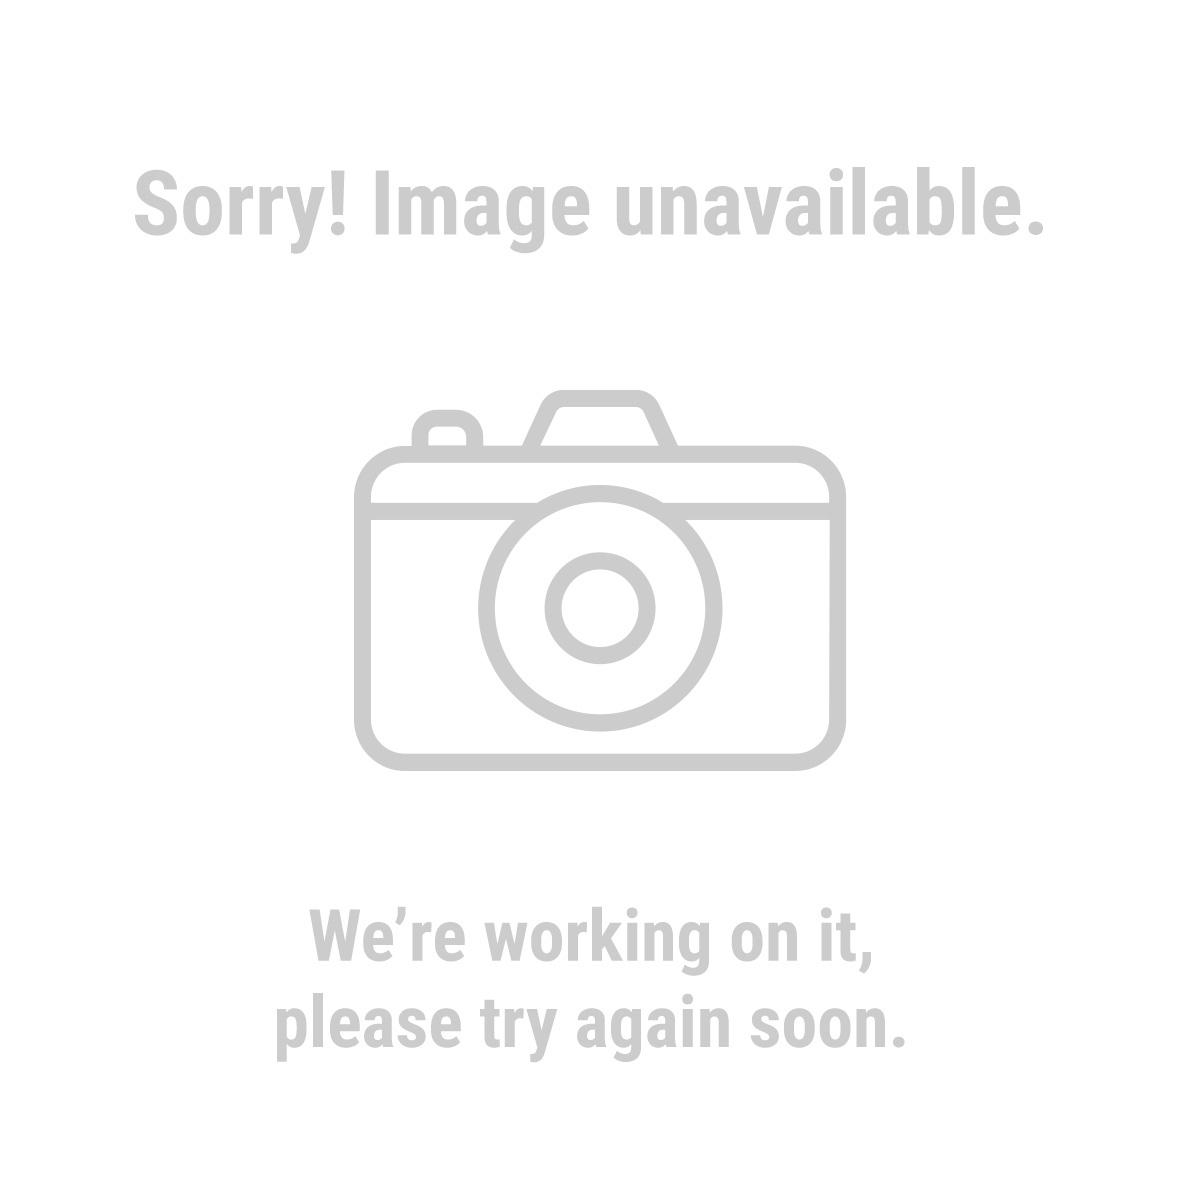 HFT 60271 25 Ft. x 14 Gauge Outdoor Extension Cord